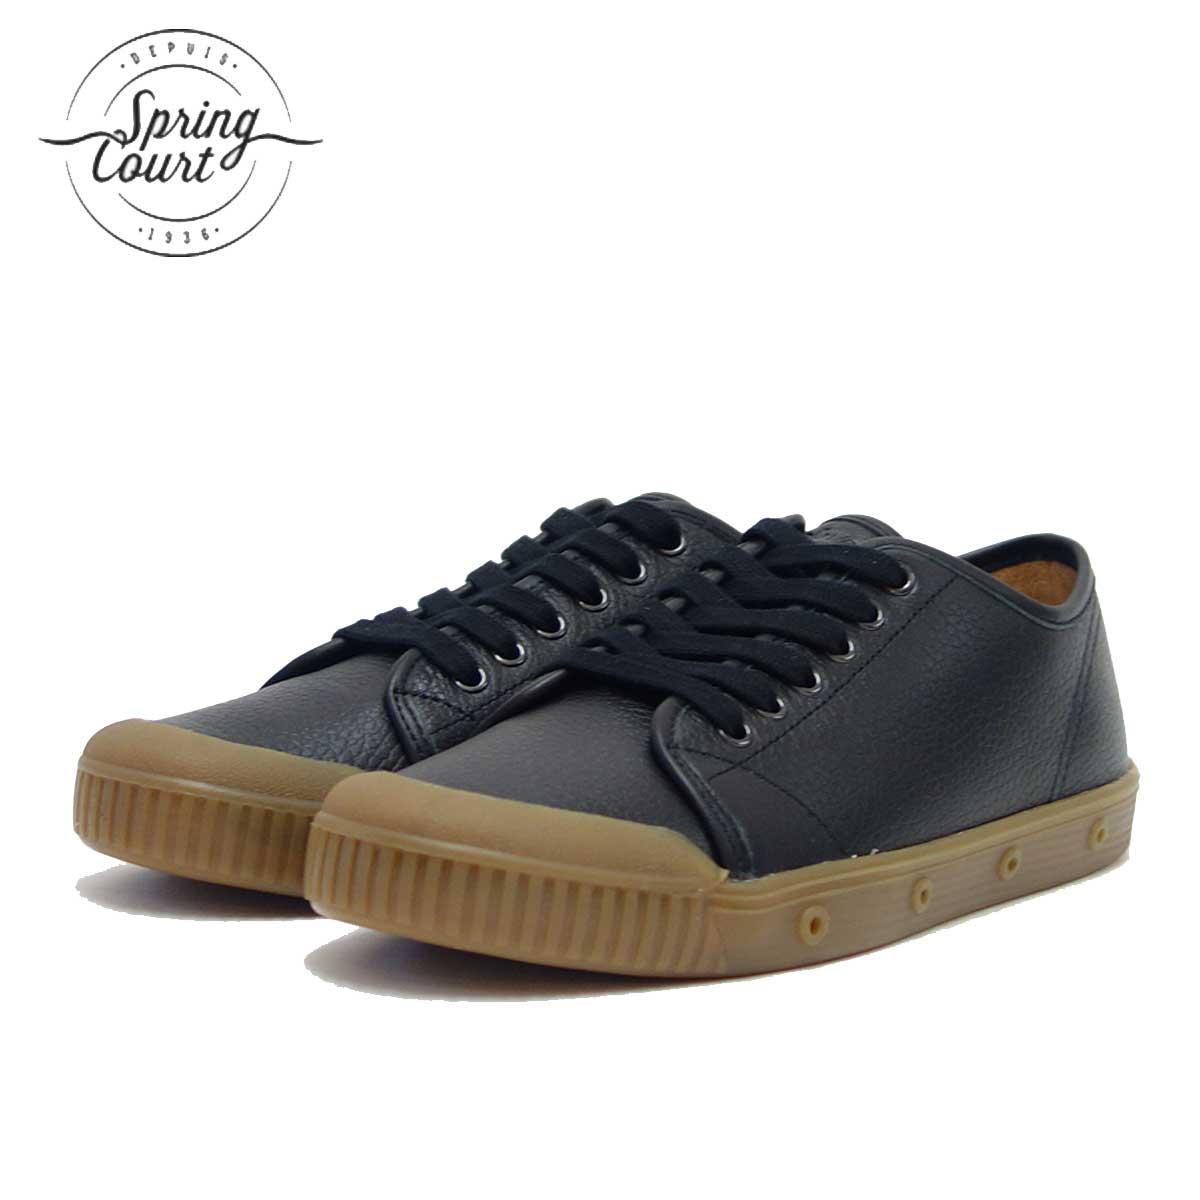 Spring Court スプリングコート G2S-6GL(レディース)G2 GRAINY LEATHER BLACK 天然皮革のローカットスニーカー 「靴」